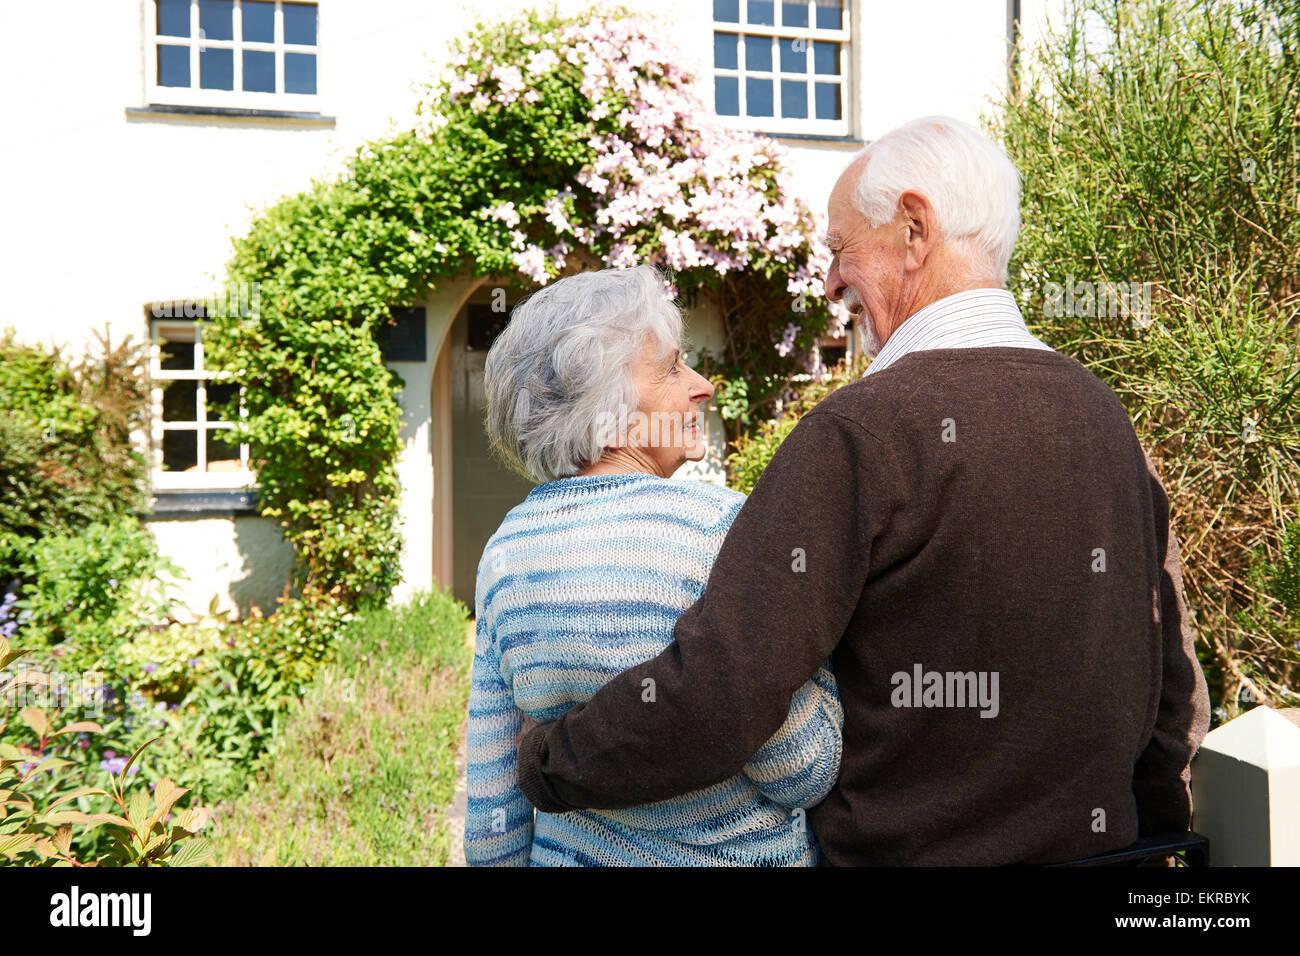 Vue arrière du couple à l'extérieur Joli Gîte Photo Stock